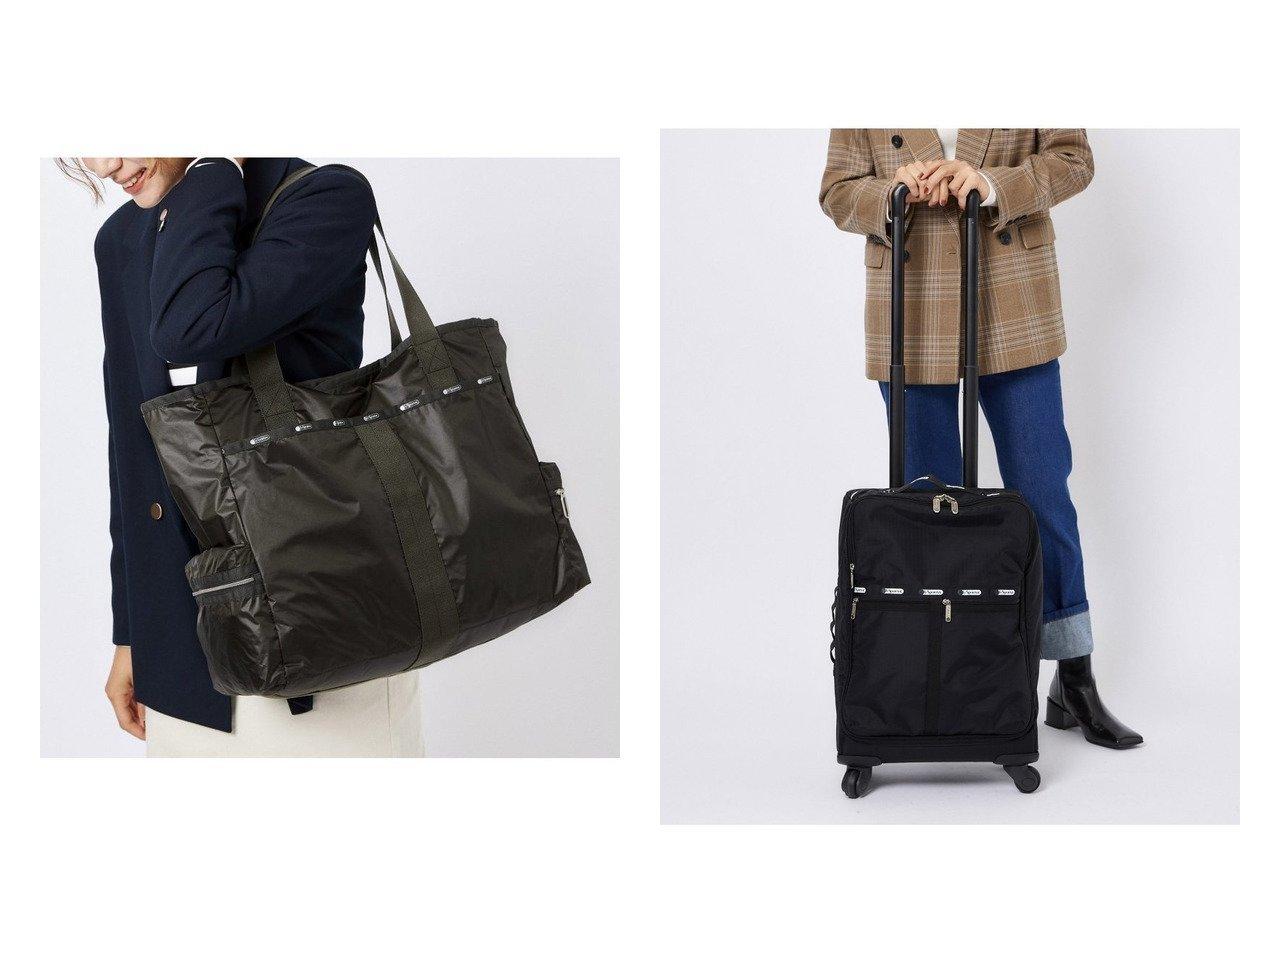 【LeSportsac / MEN/レスポートサック】の(レスポートサック)トートバッグ 3814C090&(レスポートサック)スーツケース 3554C353 おすすめ!人気、トレンド・レディースファッションの通販 おすすめで人気の流行・トレンド、ファッションの通販商品 インテリア・家具・メンズファッション・キッズファッション・レディースファッション・服の通販 founy(ファニー) https://founy.com/ ファッション Fashion メンズファッション MEN バッグ Bag/Men トートバッグ Tote Bags 軽量 シンプル スポーティ ポケット ポーチ マグネット 無地 クラシカル メッシュ おすすめ Recommend  ID:crp329100000072391